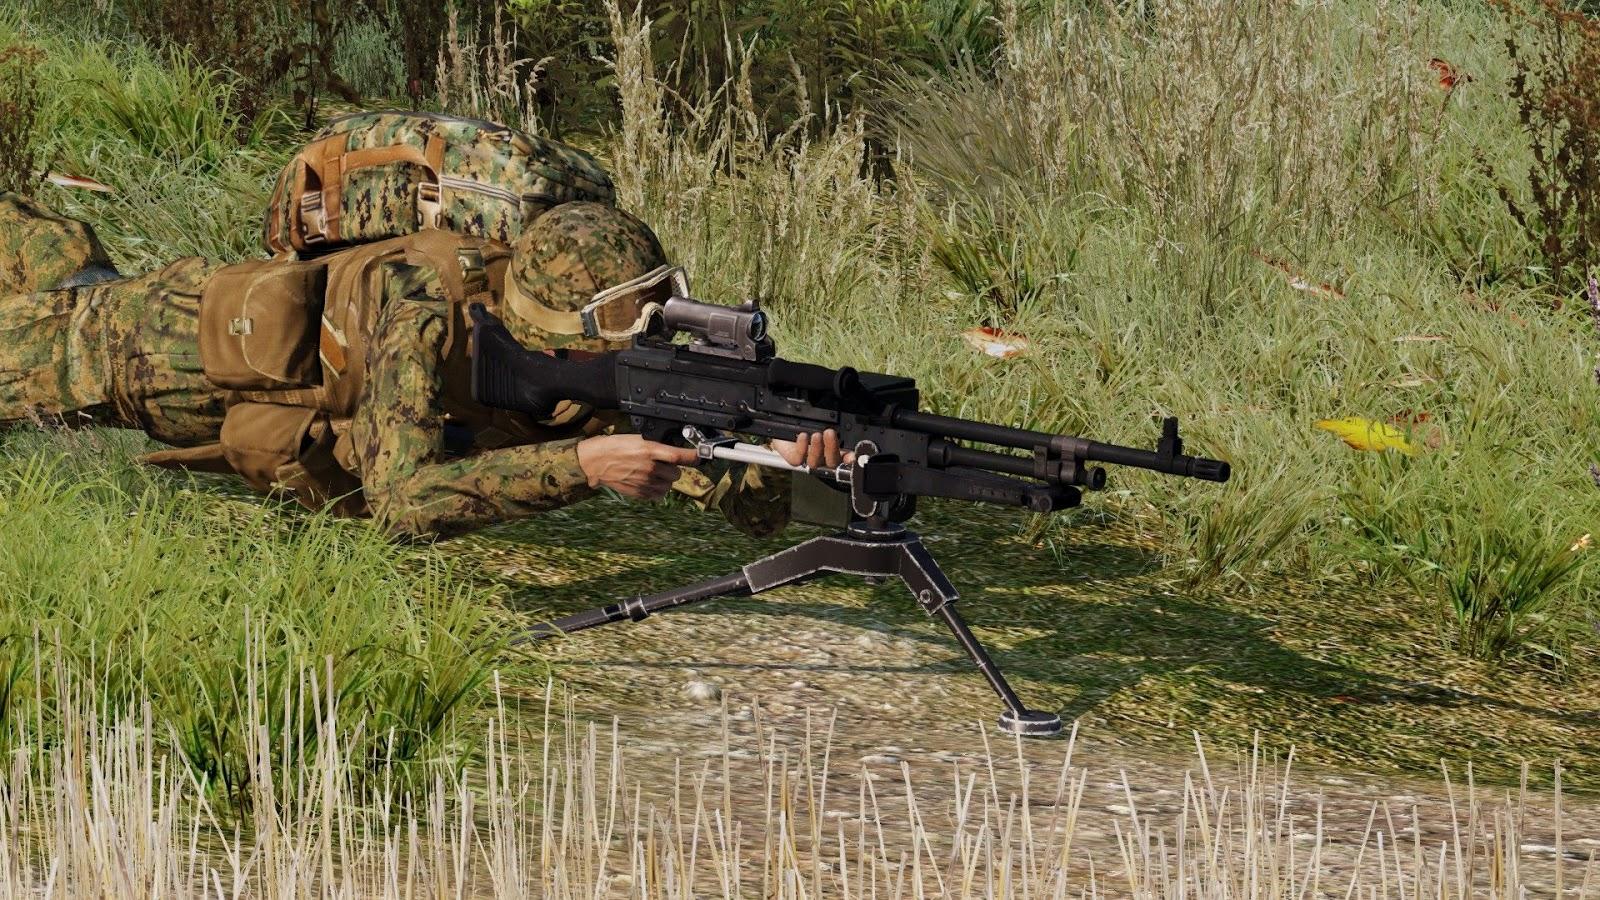 Image result for arma 3 tripod machine gun